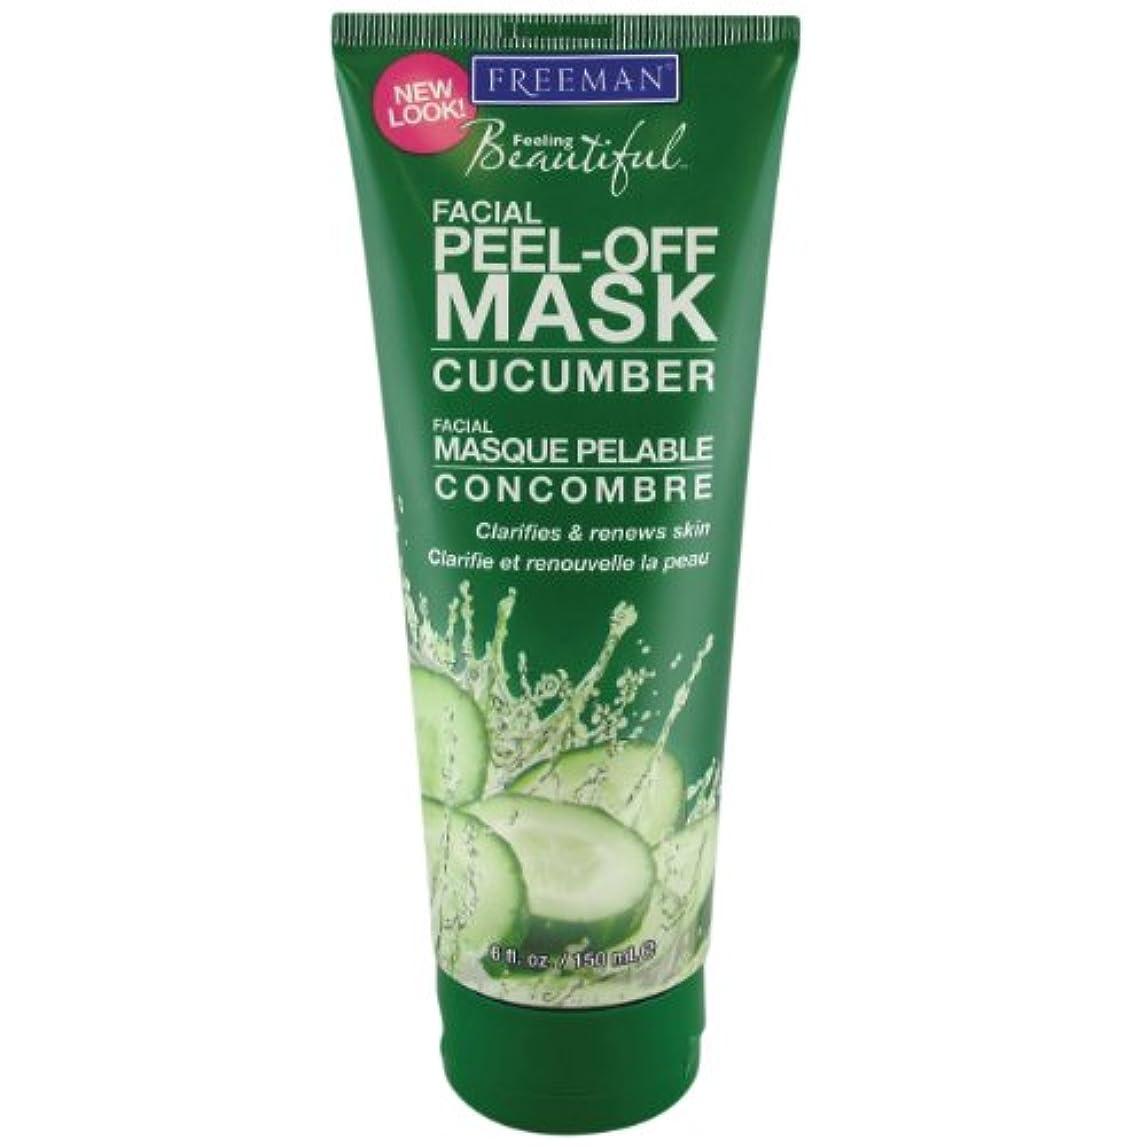 配管スチュワード大気Freeman Facial Peel-Off Mask Cucumber 150 ml (並行輸入品)